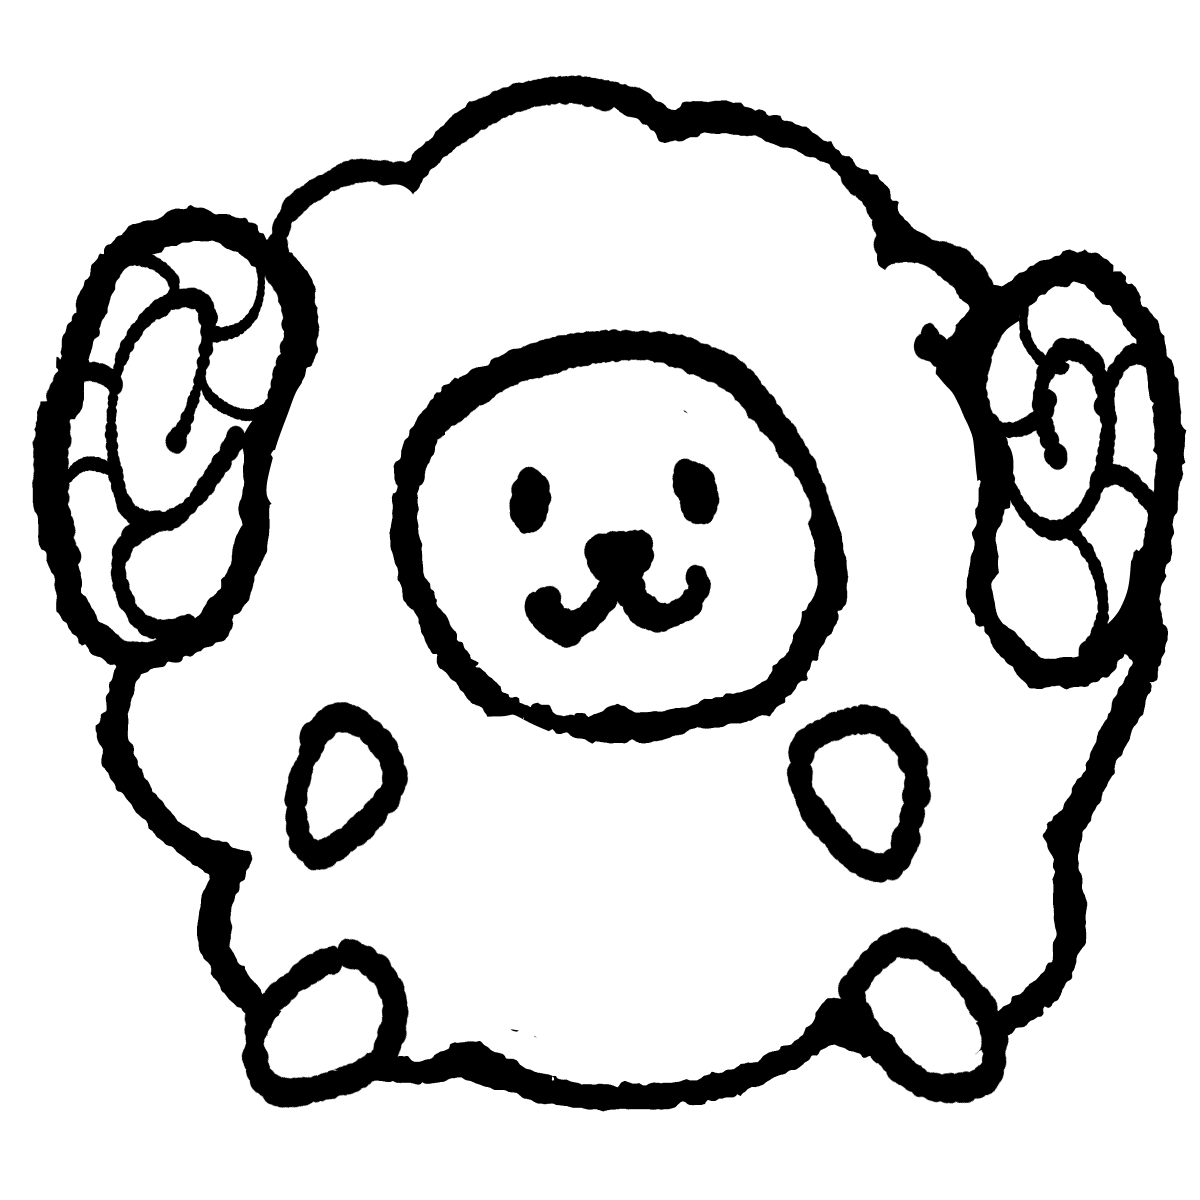 座る羊 転がりそうだけど動じないヒツジです Illust Cute Art Illustration Monochrome イラスト 手描きイラスト ゆるい かわいい 素材 羊 イラスト イラスト 羊